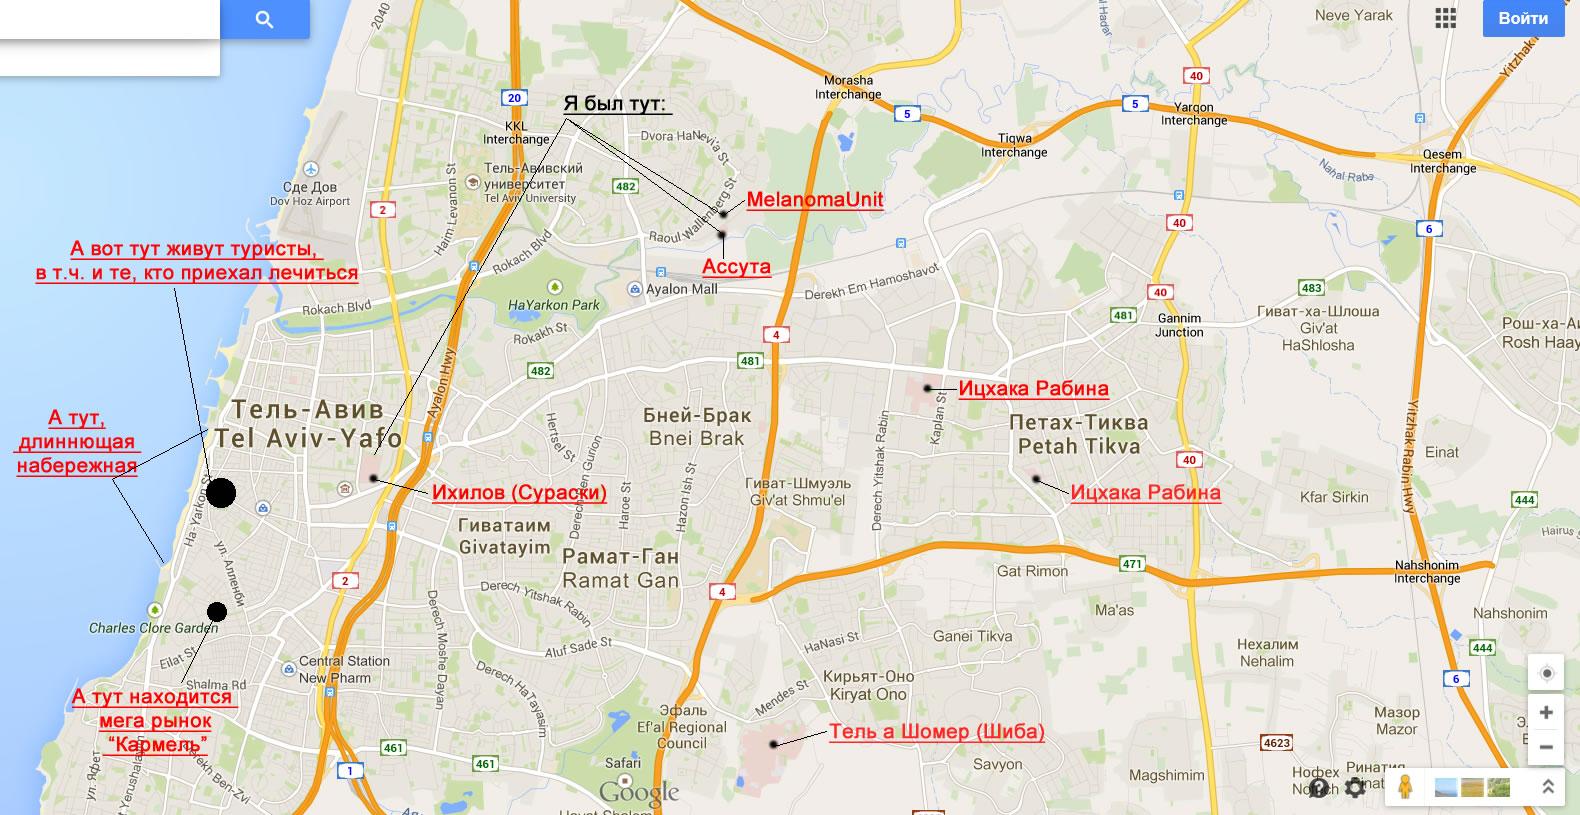 Лечение в Израиле. Больницы Тель Авива.